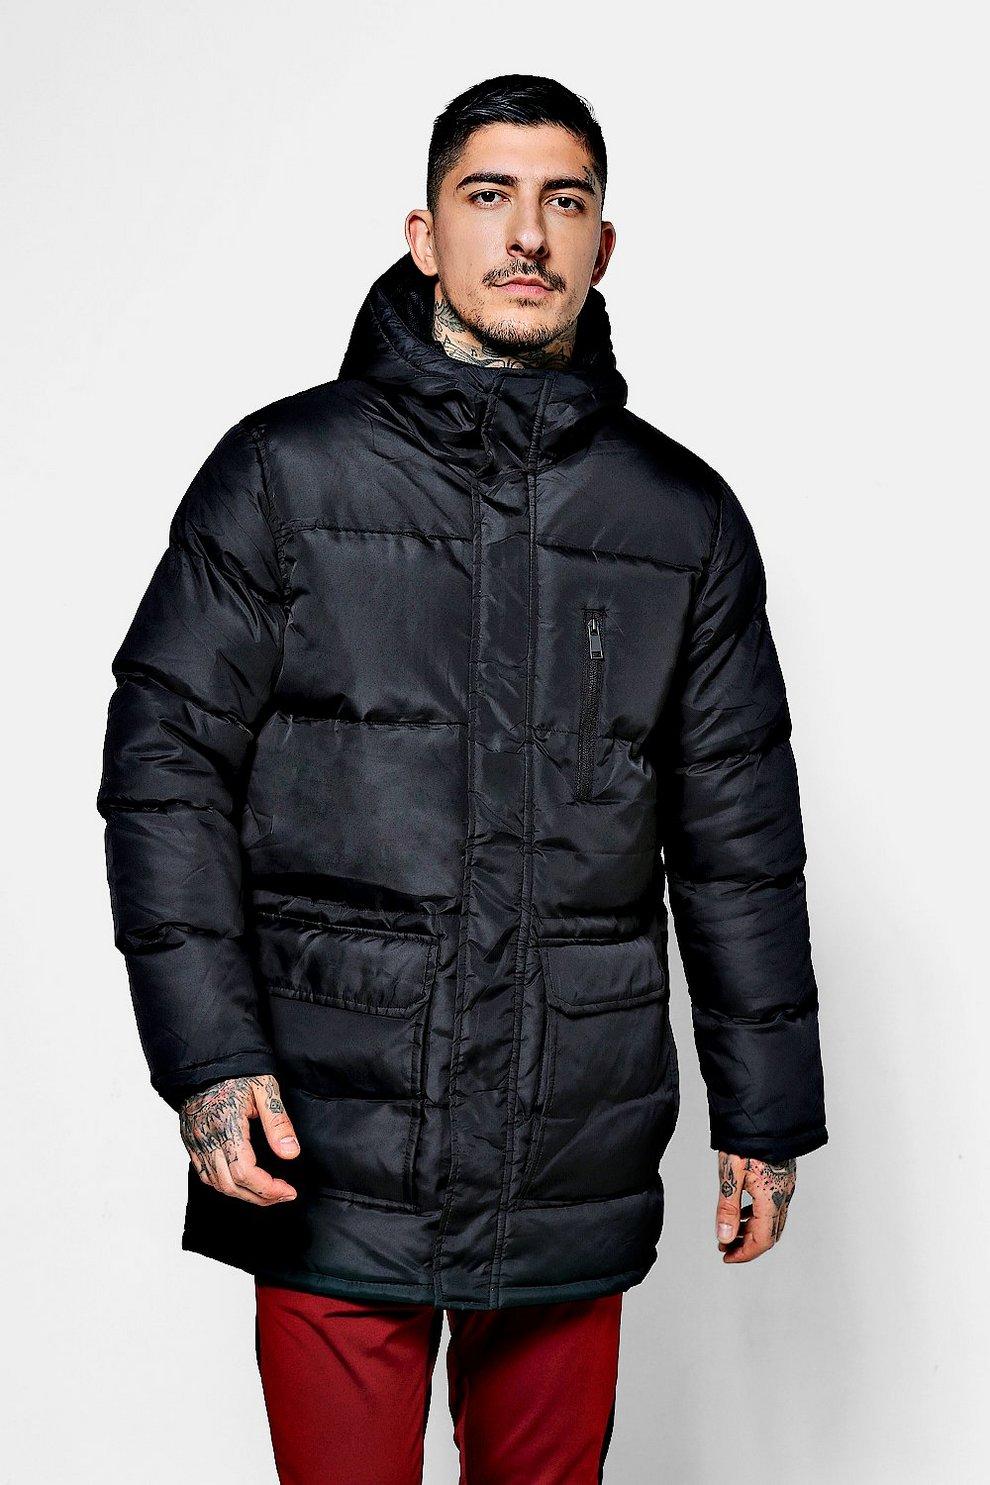 cea0dba31 Long Line Puffer Jacket